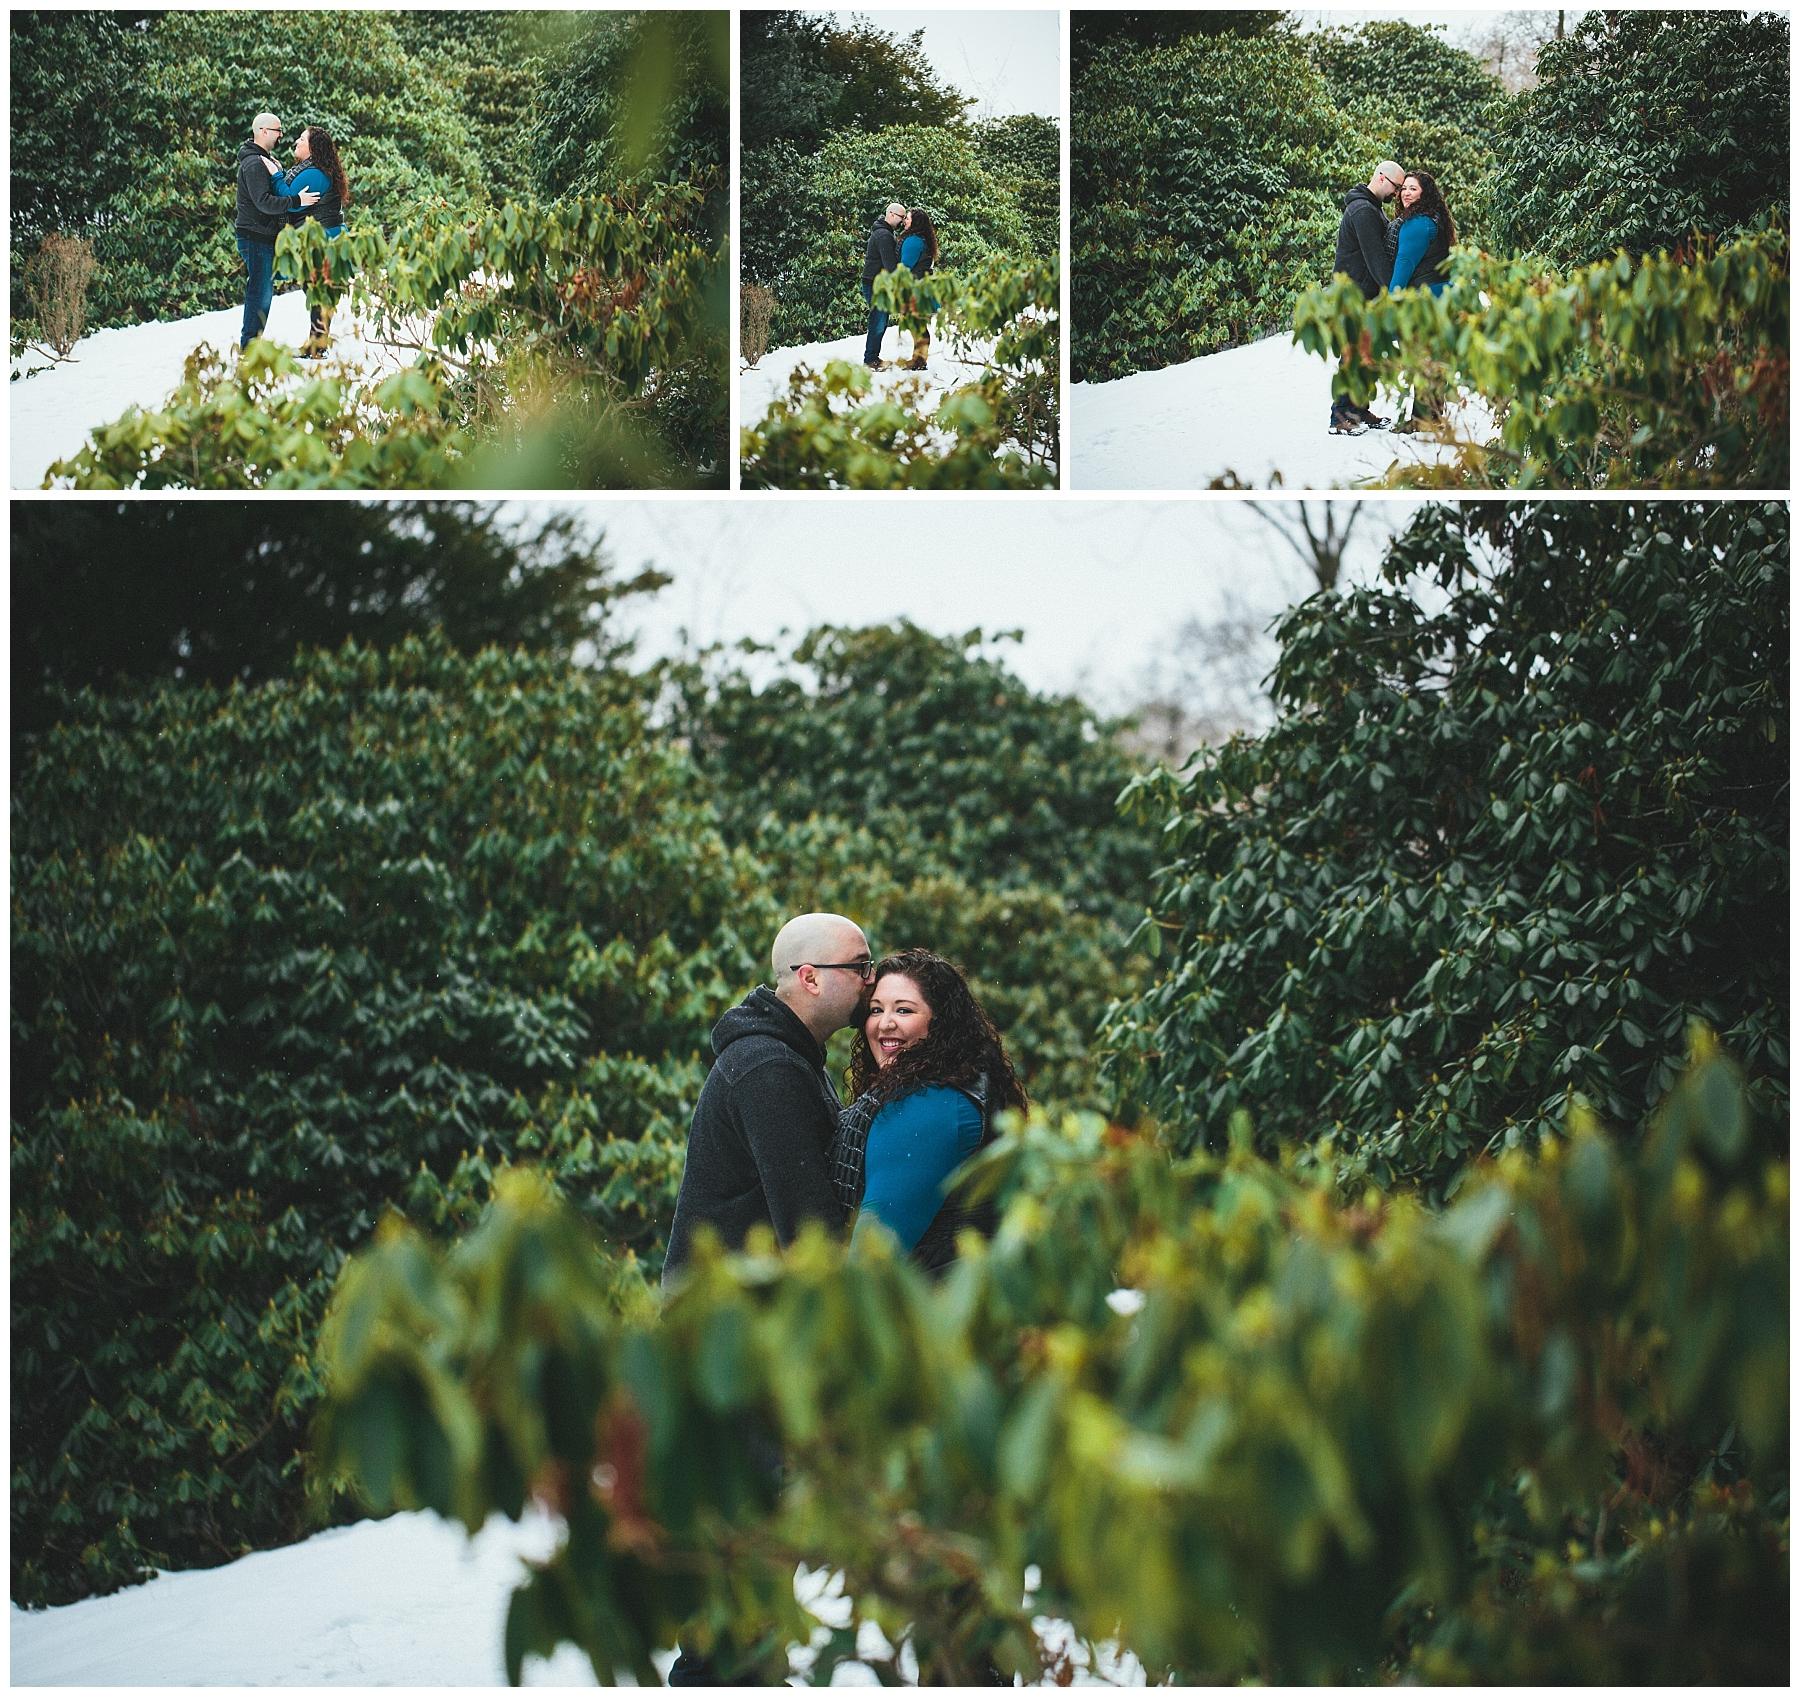 fingerlakesfamilyphotographer_0068-1.jpg